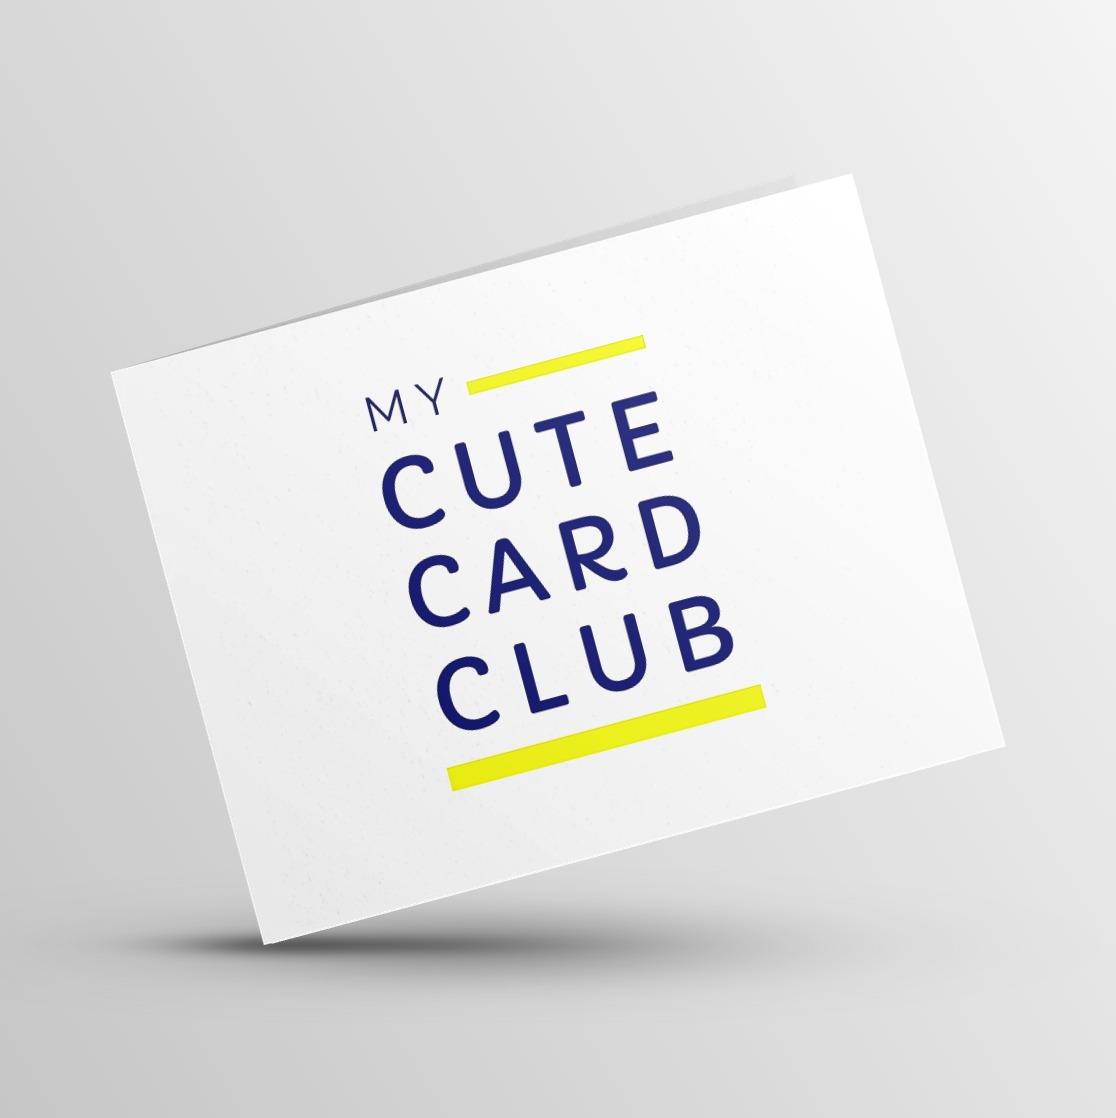 My Cute Card Club Card